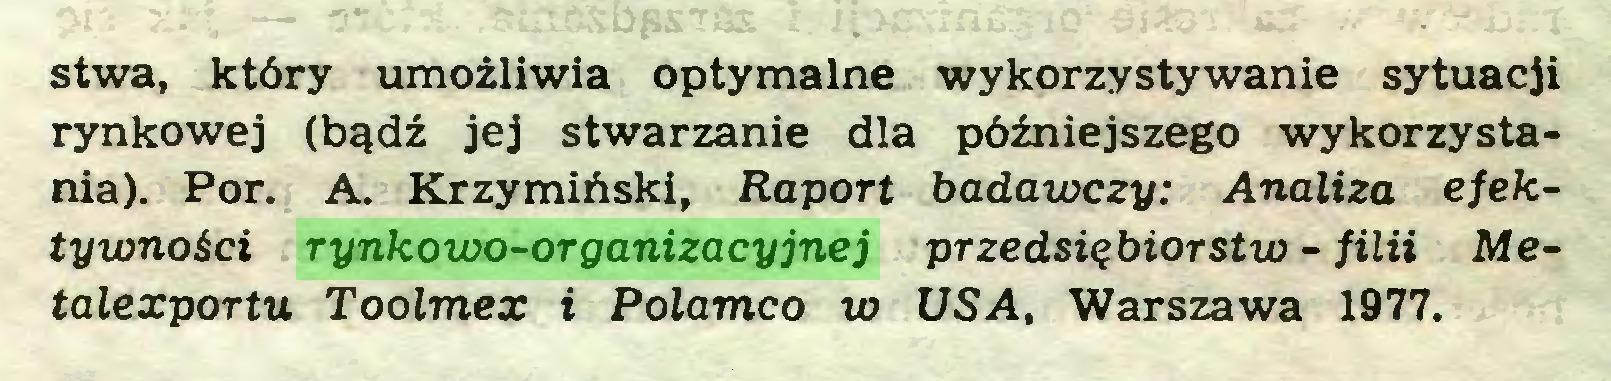 (...) stwa, który umożliwia optymalne wykorzystywanie sytuacji rynkowej (bądź jej stwarzanie dla późniejszego wykorzystania). Por. A. Krzymiński, Raport badawczy: Analiza efektywności rynkowo-organizacyjnej przedsiębiorstw - filii Metalexportu Toolmez i Polamco w USA, Warszawa 1977...